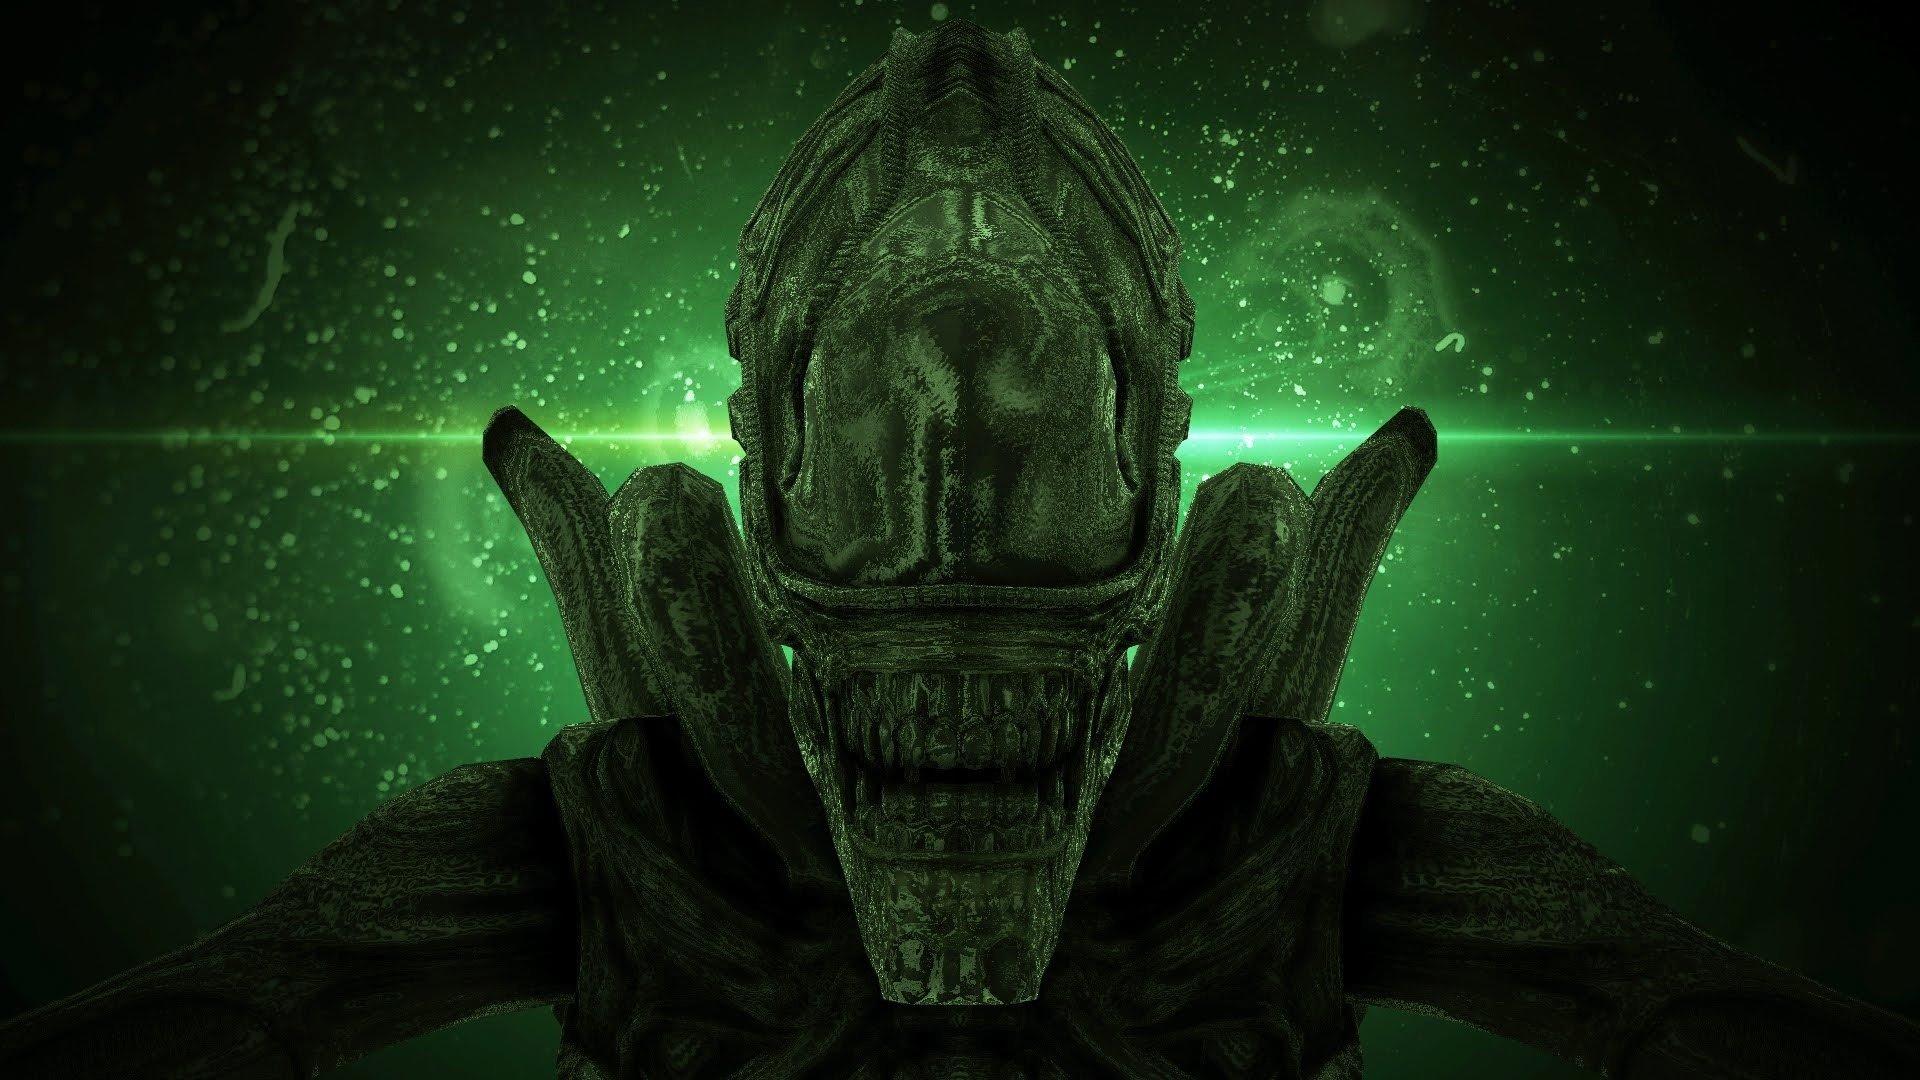 Wallpaper Película Alien Convenant Images